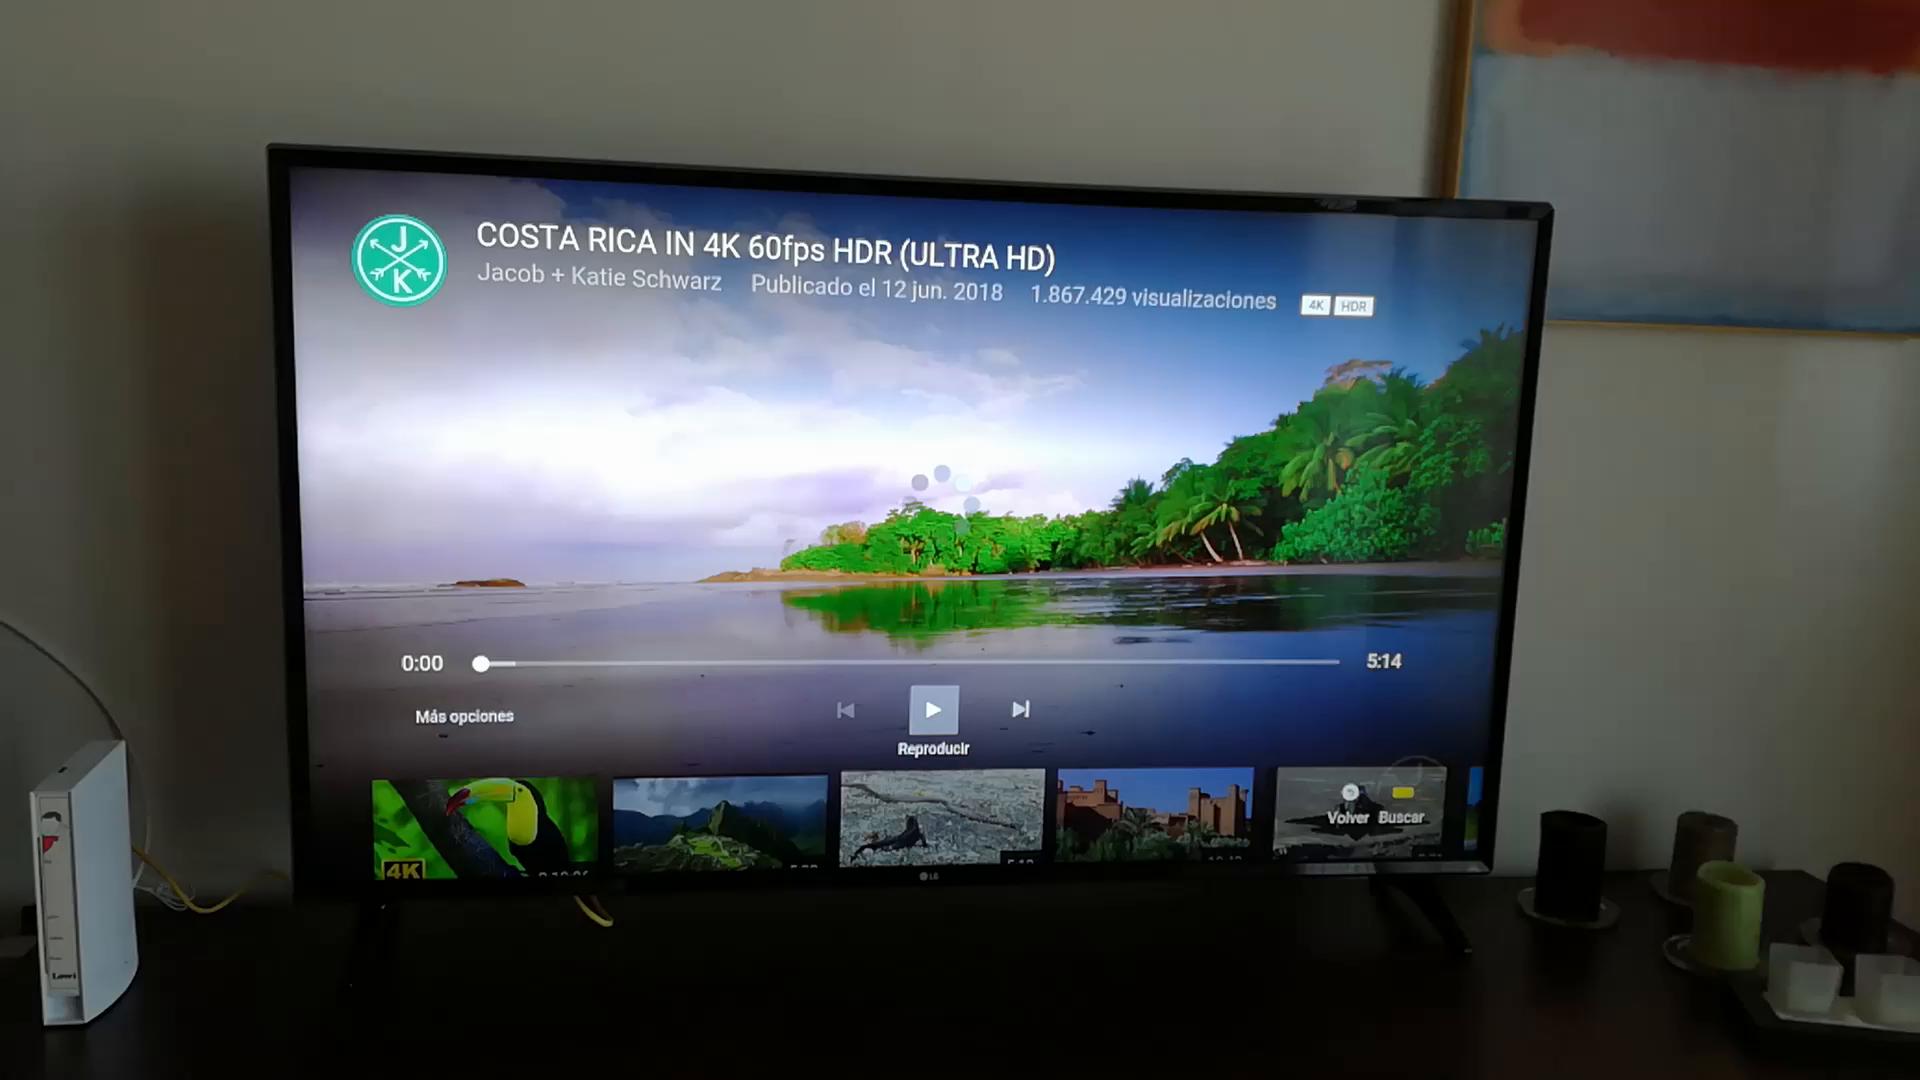 LG 65UK6100PLB - Televisor de 65 (Smart TV, 4K Ultra HD, 3840 x 2160), Color Negro: 845.79: Amazon.es: Electrónica